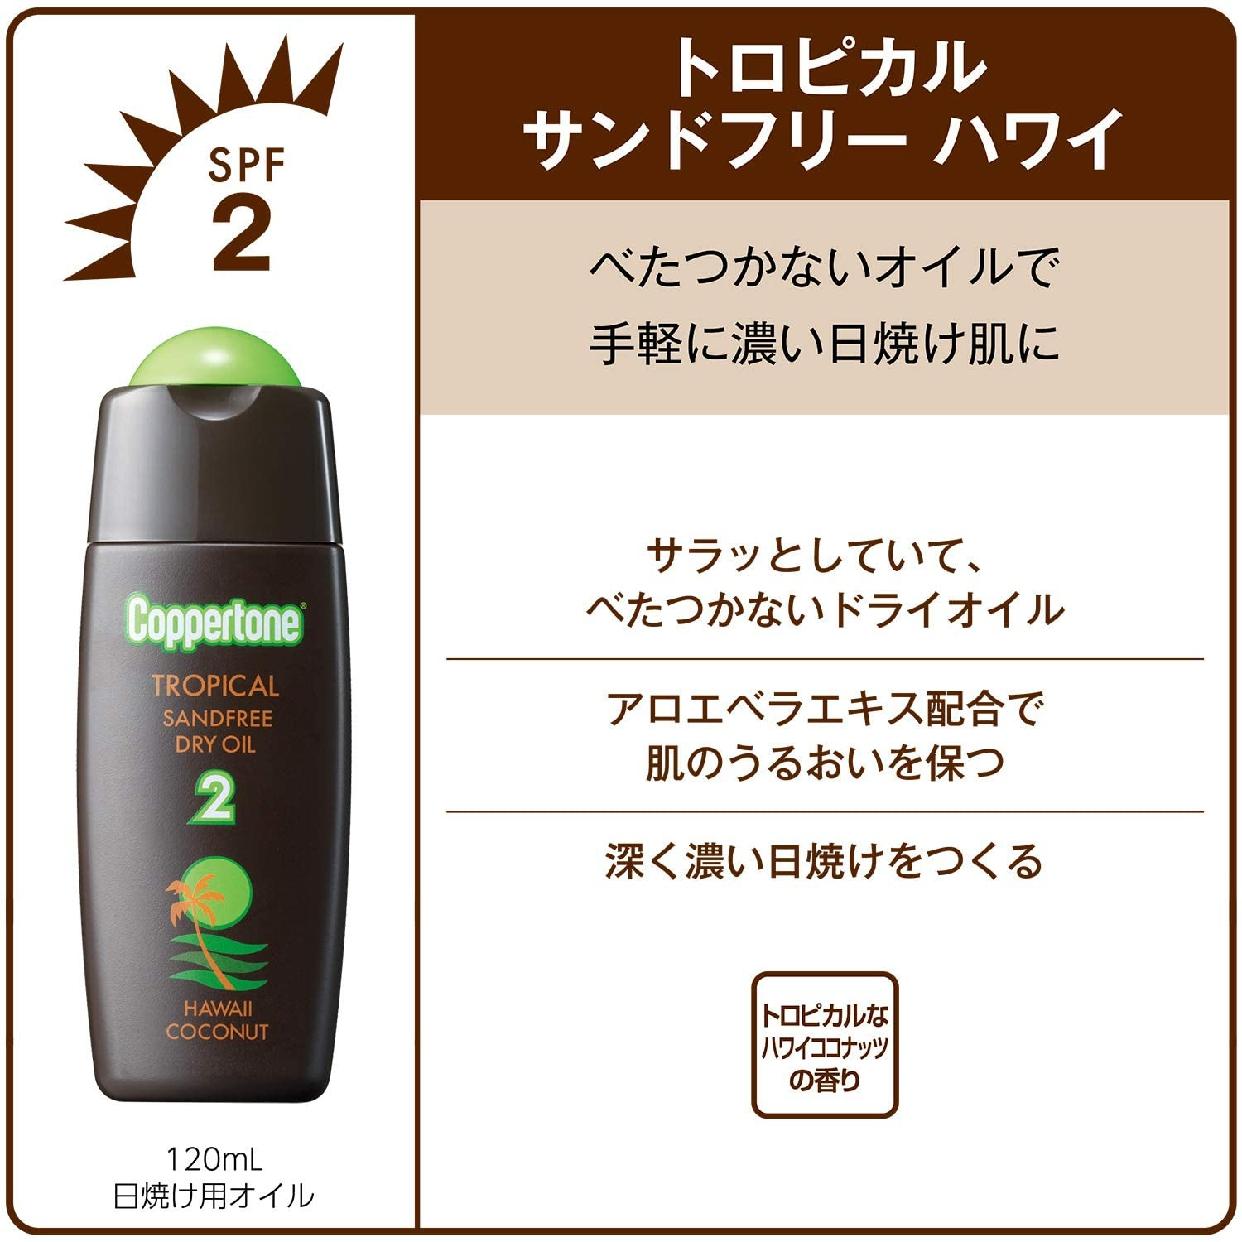 Coppertone(コパトーン) トロピカル サンドフリー ハワイの商品画像2